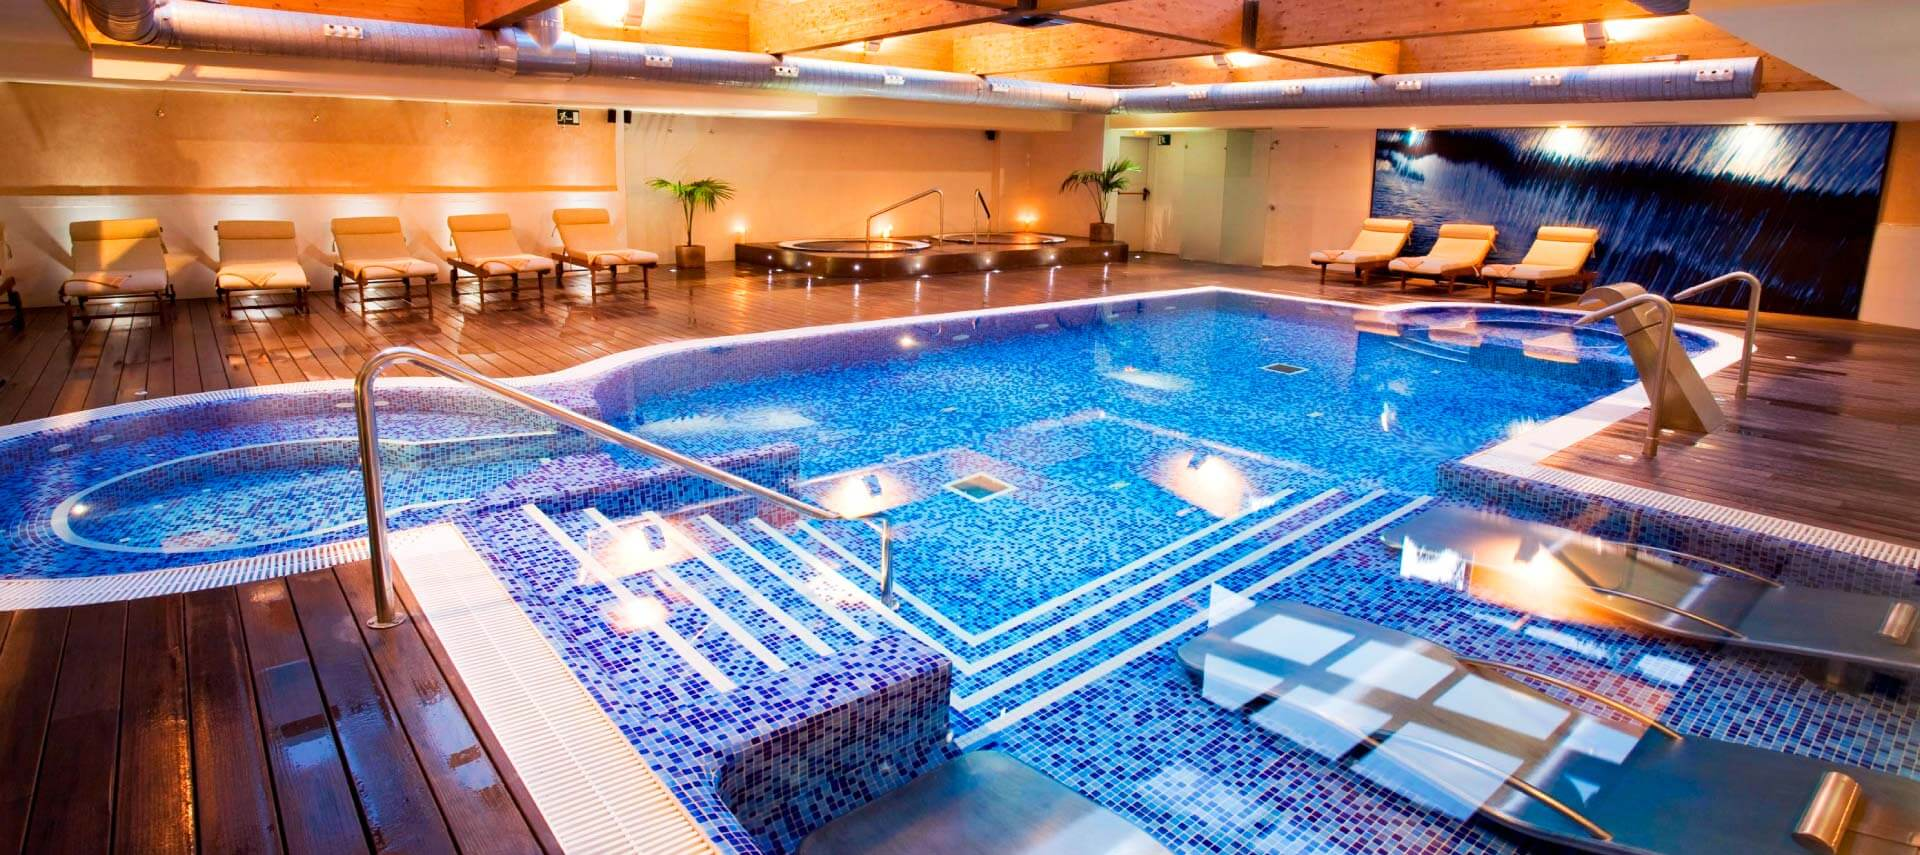 Centro de spa en Barcelona